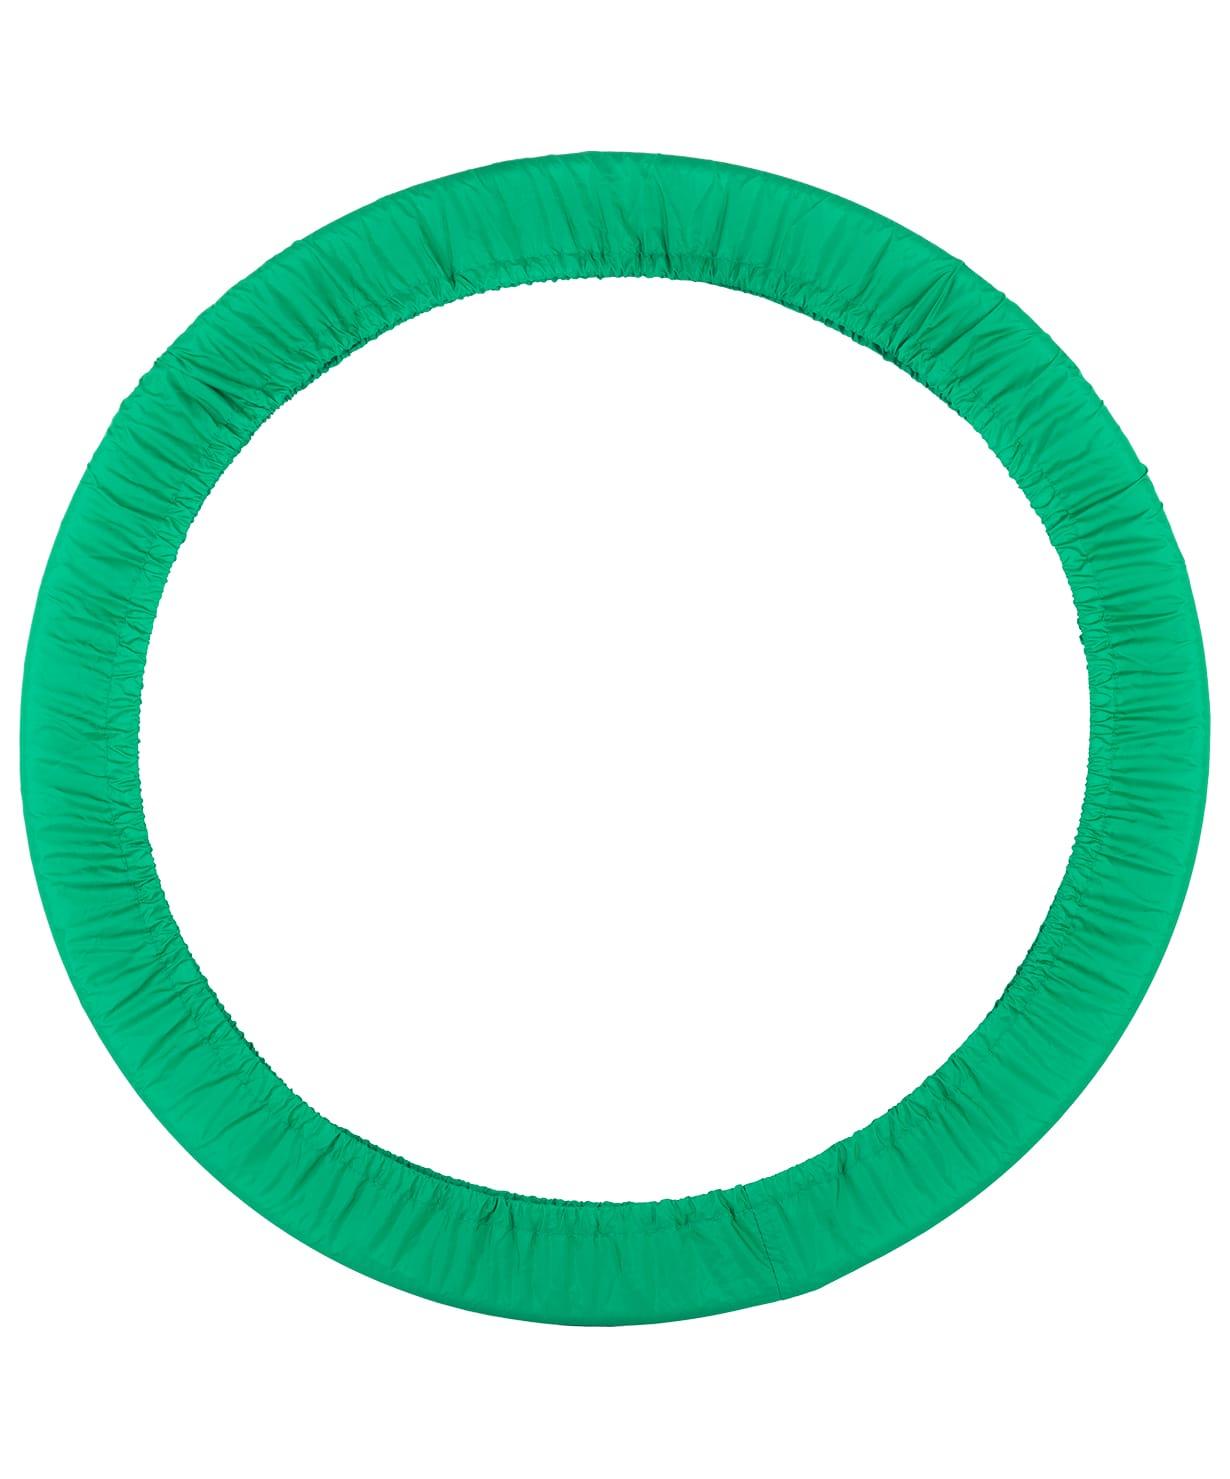 Чехол для гимнастического обруча Chersa без кармана D75, зеленый